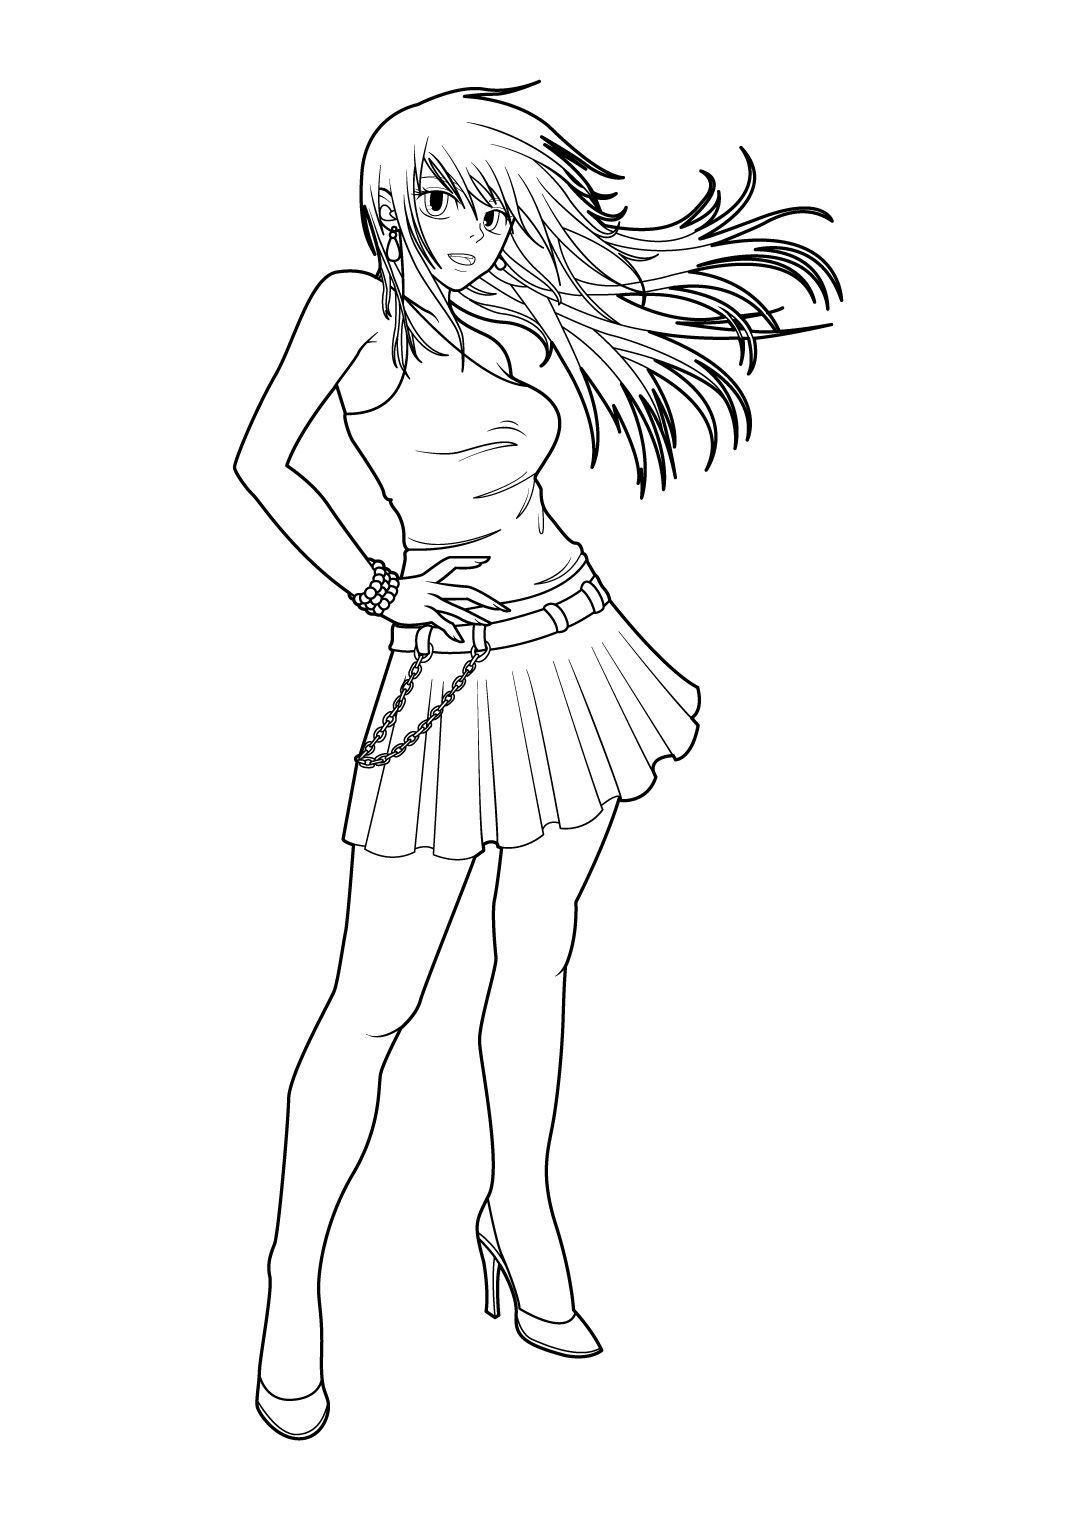 Coloriage Manga 10 - Coloriage Mangas - Coloriages Personnages intérieur Personnage A Colorier